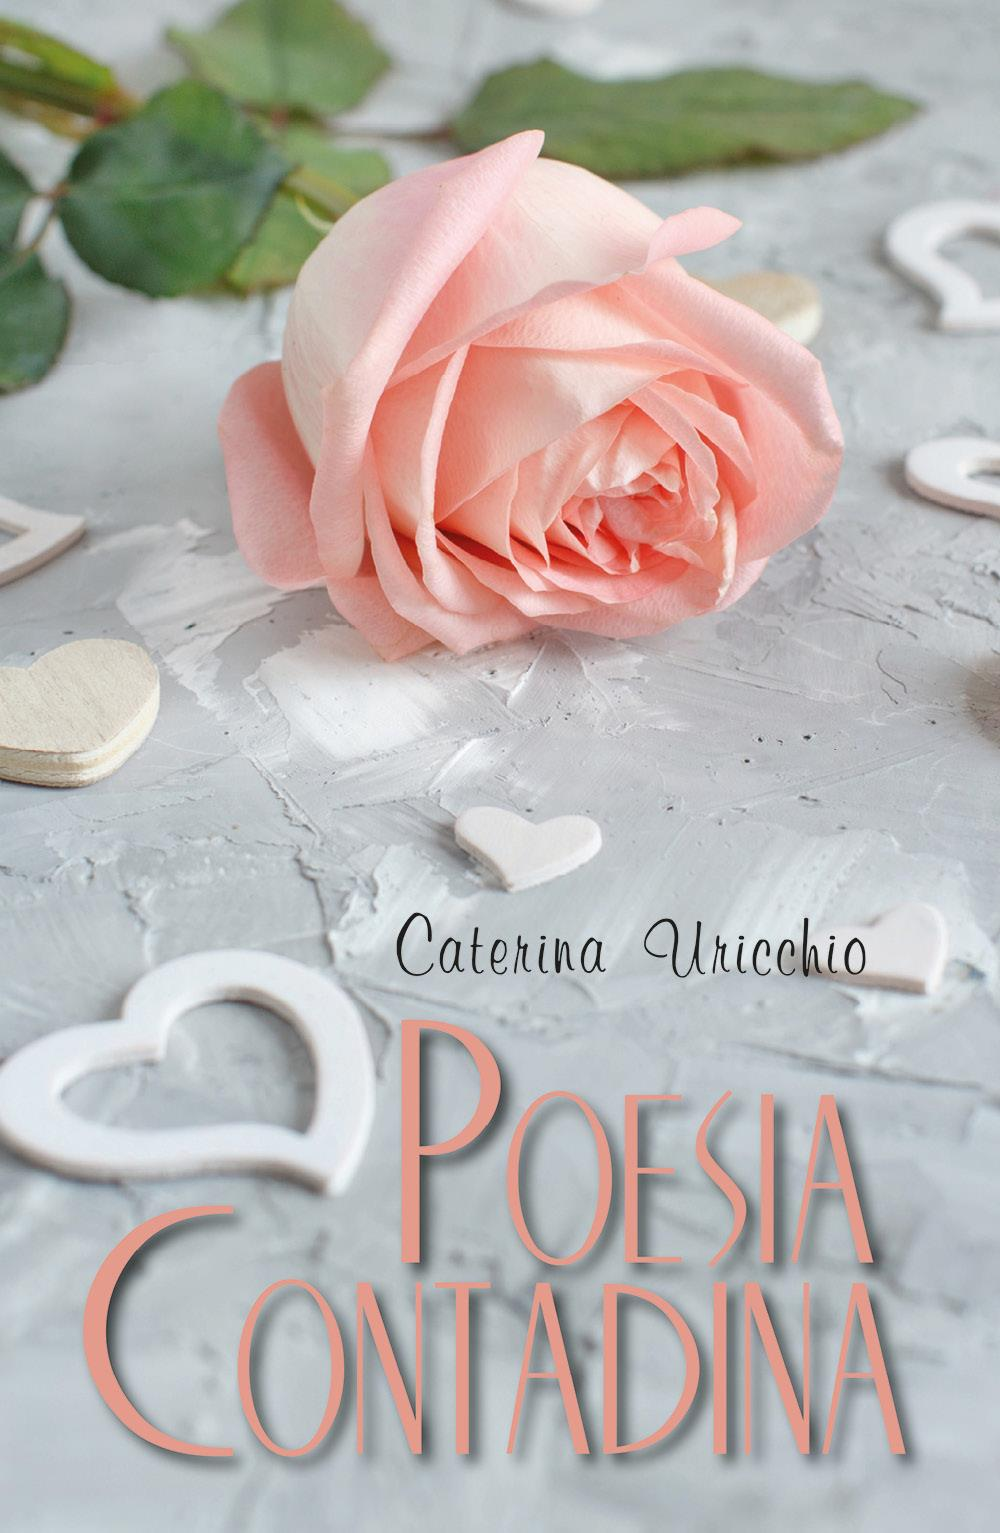 Poesia Contadina